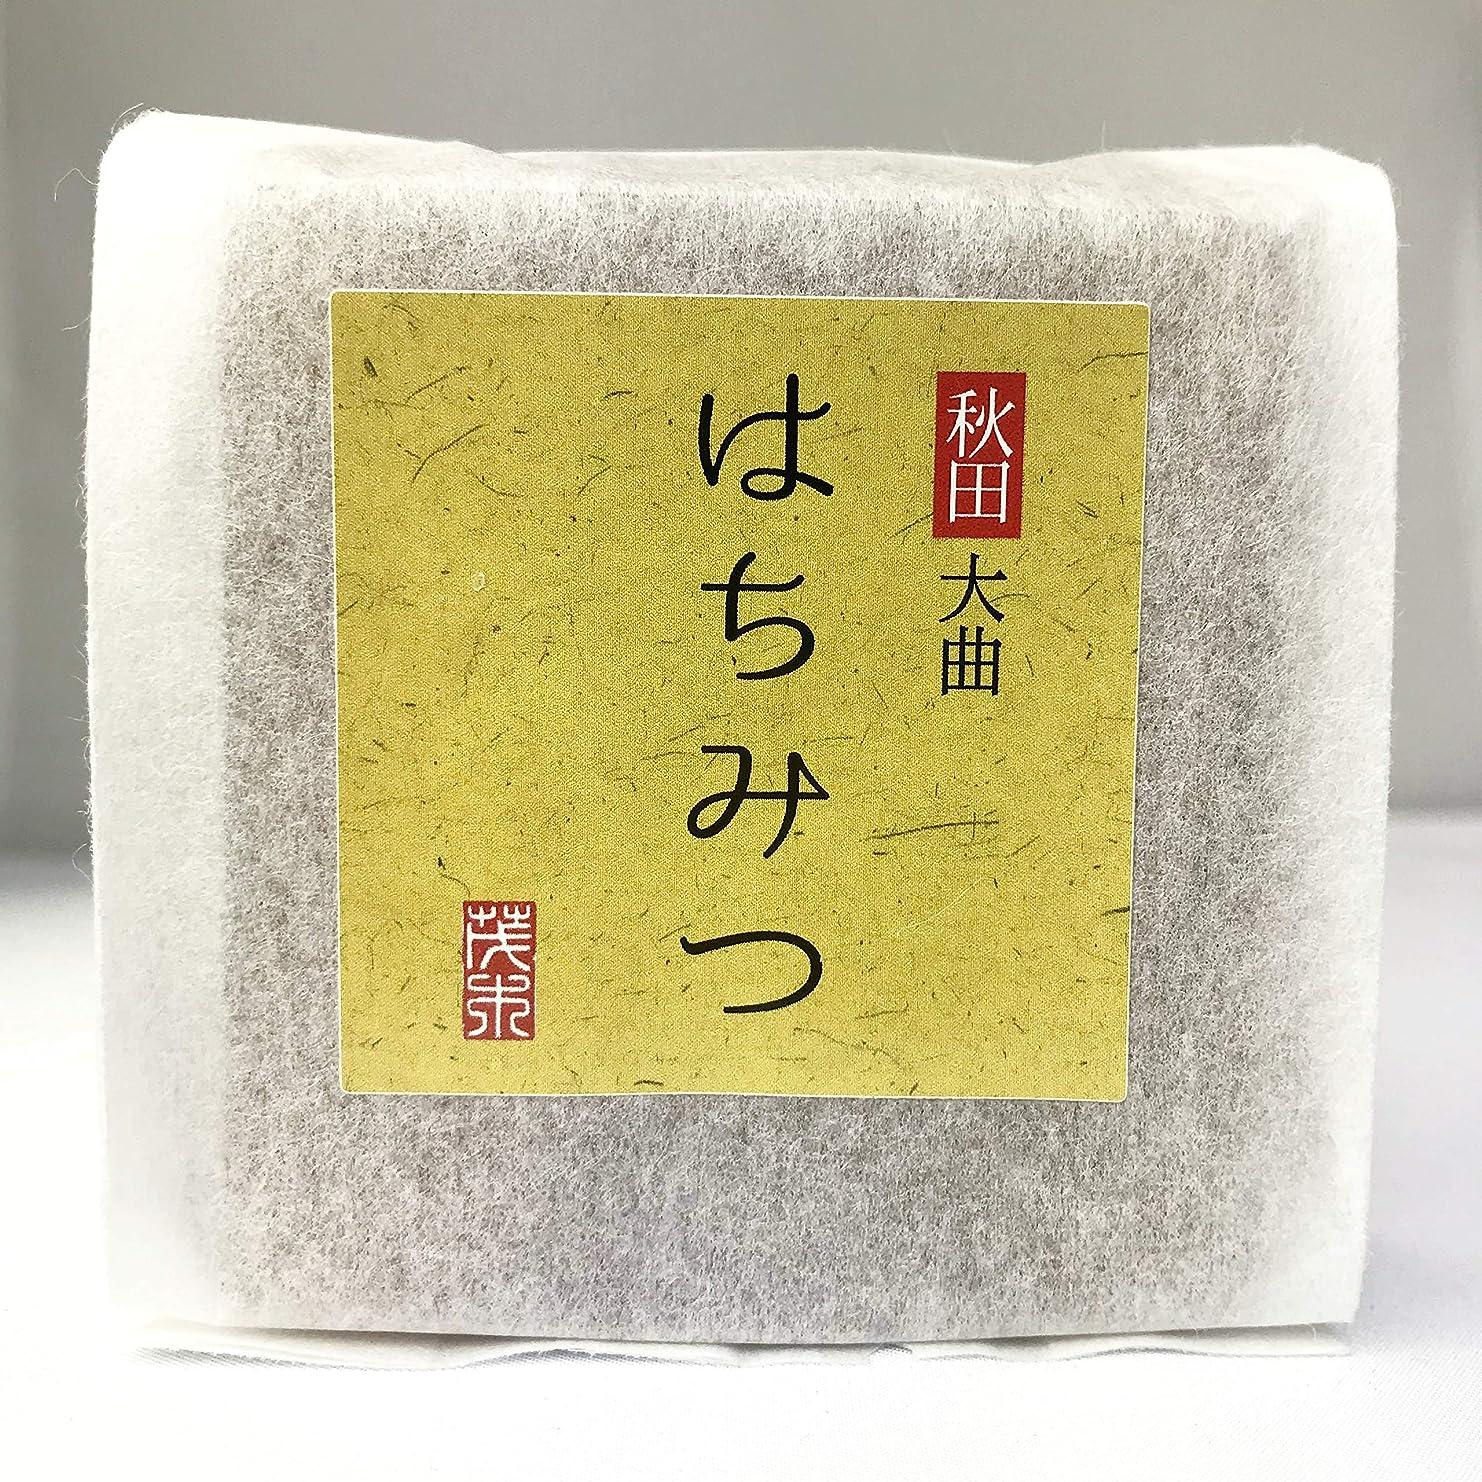 チューブ浸食合理的無添加石鹸 はちみつ石鹸 100g